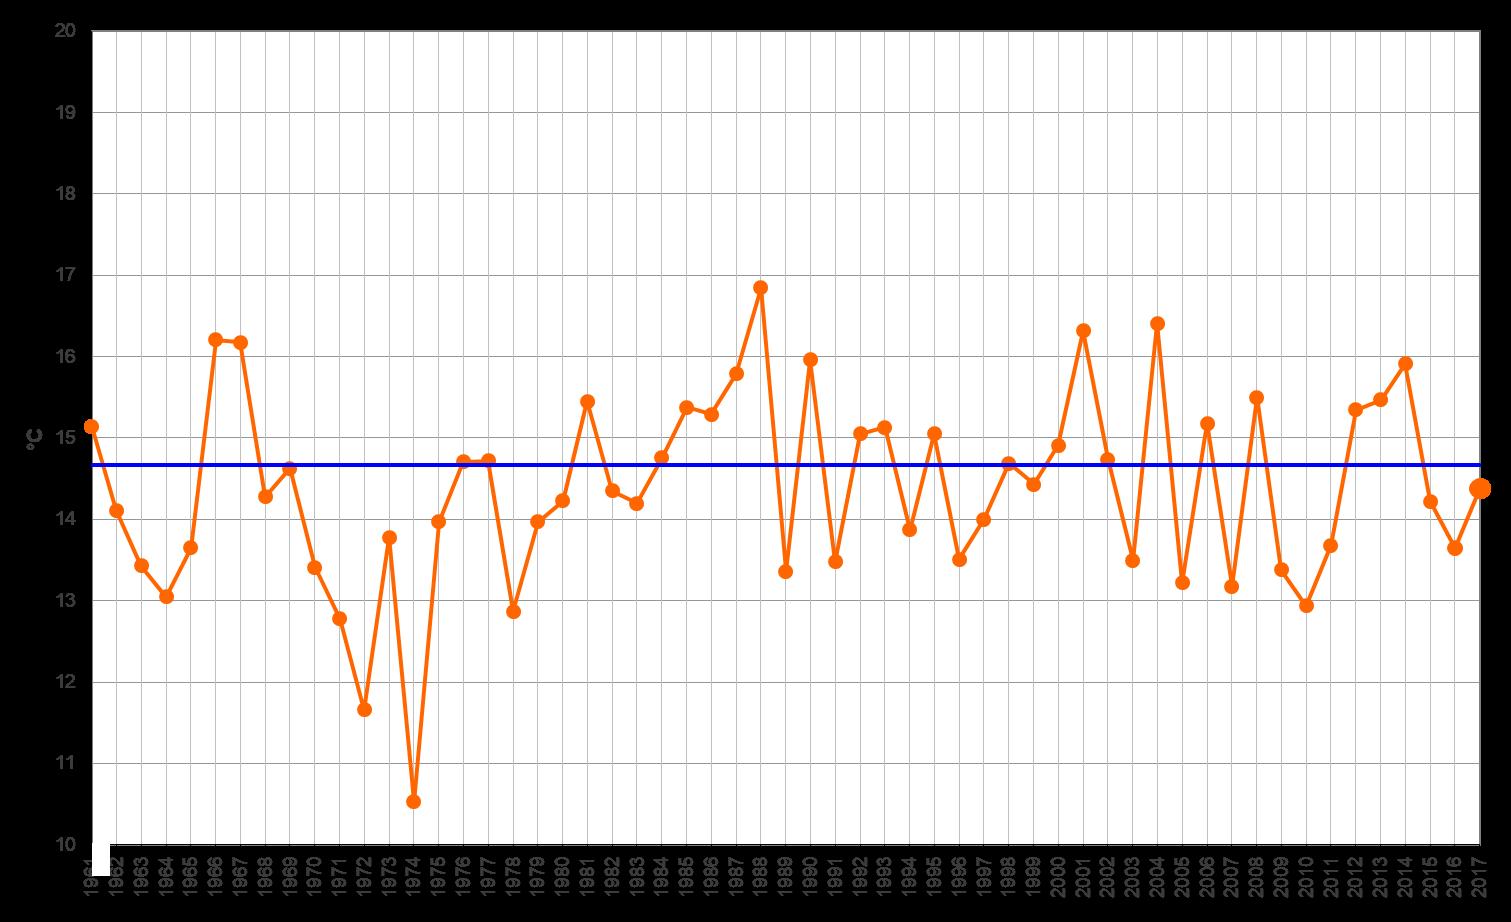 Meteo ASSAM Marche - temperatura mensile novembre